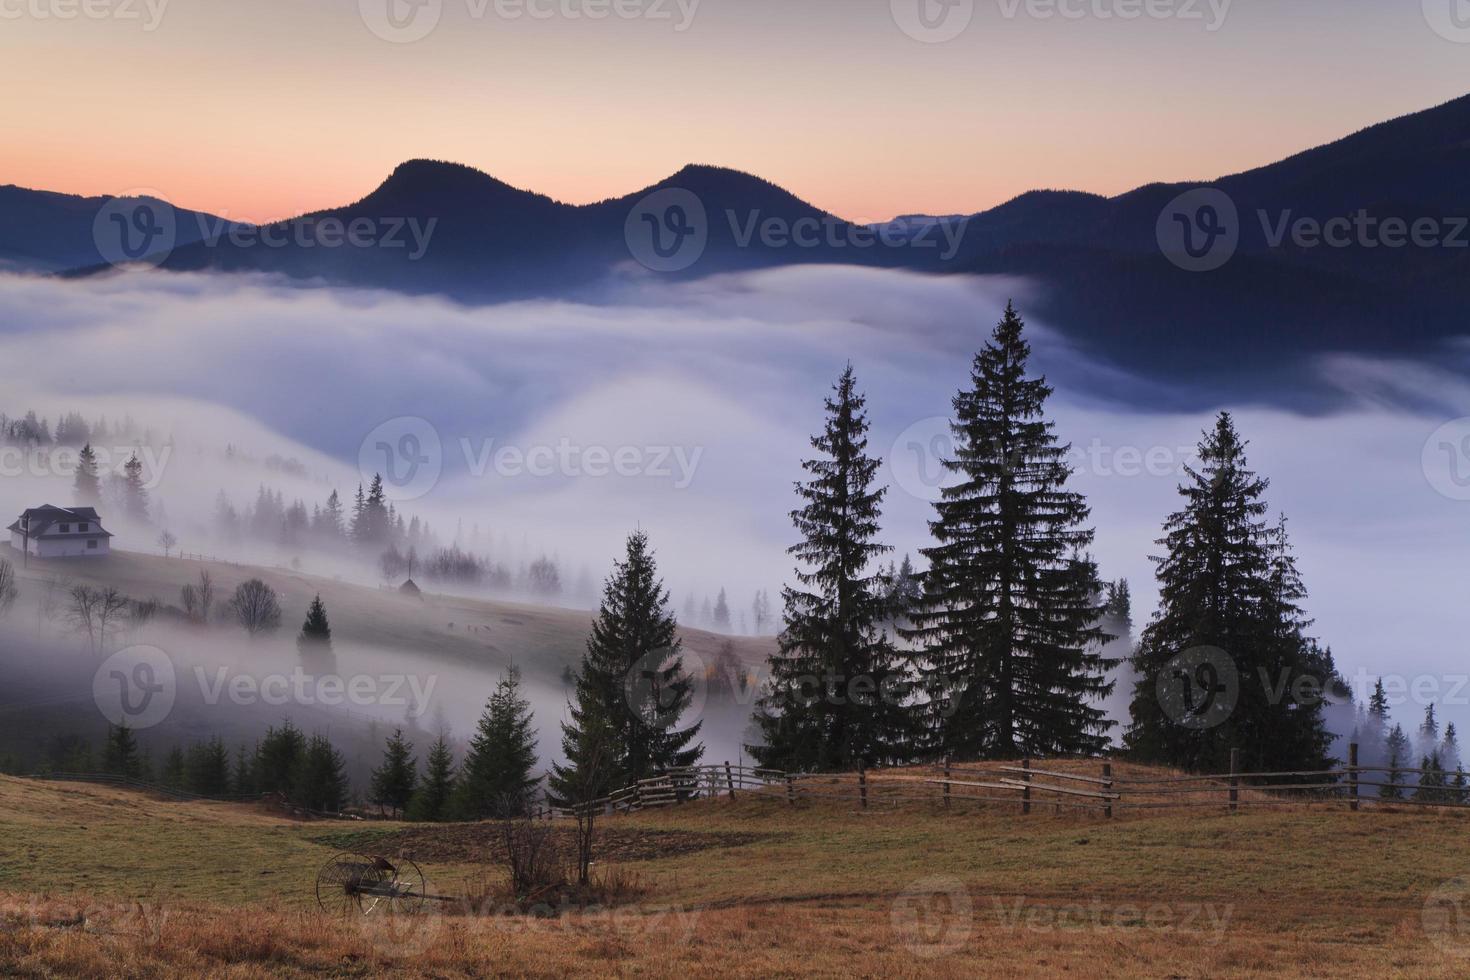 vue des montagnes de brouillard brumeux en automne, photo